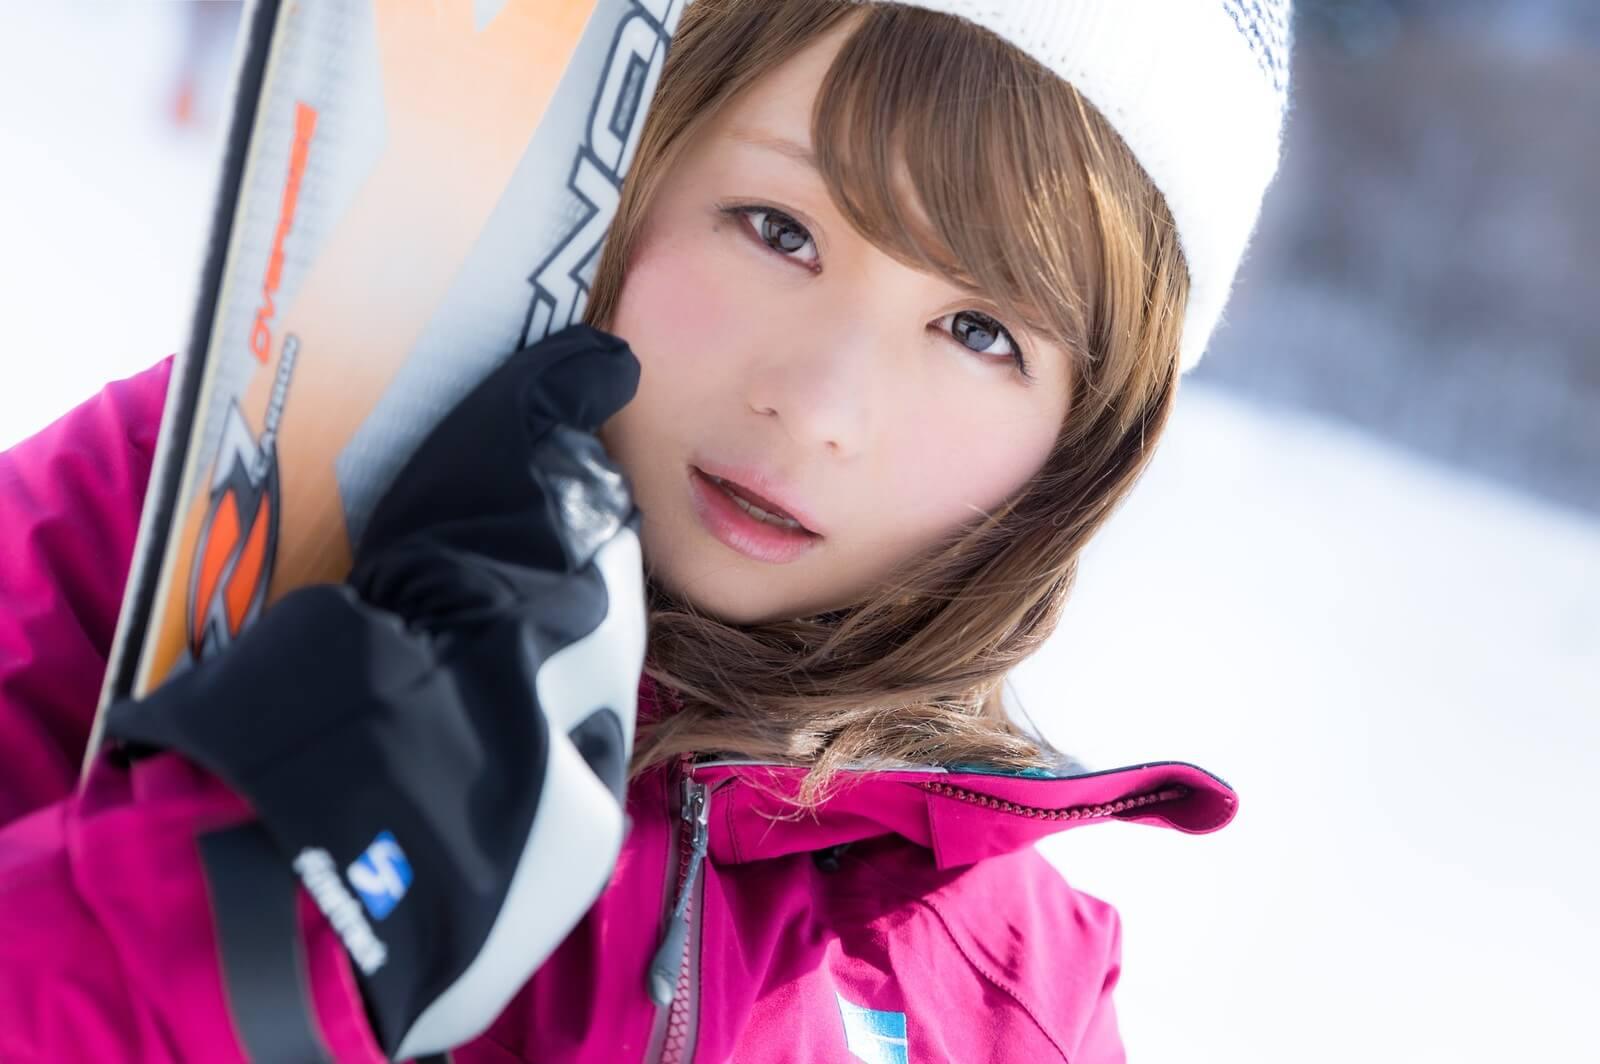 スキー場の集客や売上アップのポイントを紹介